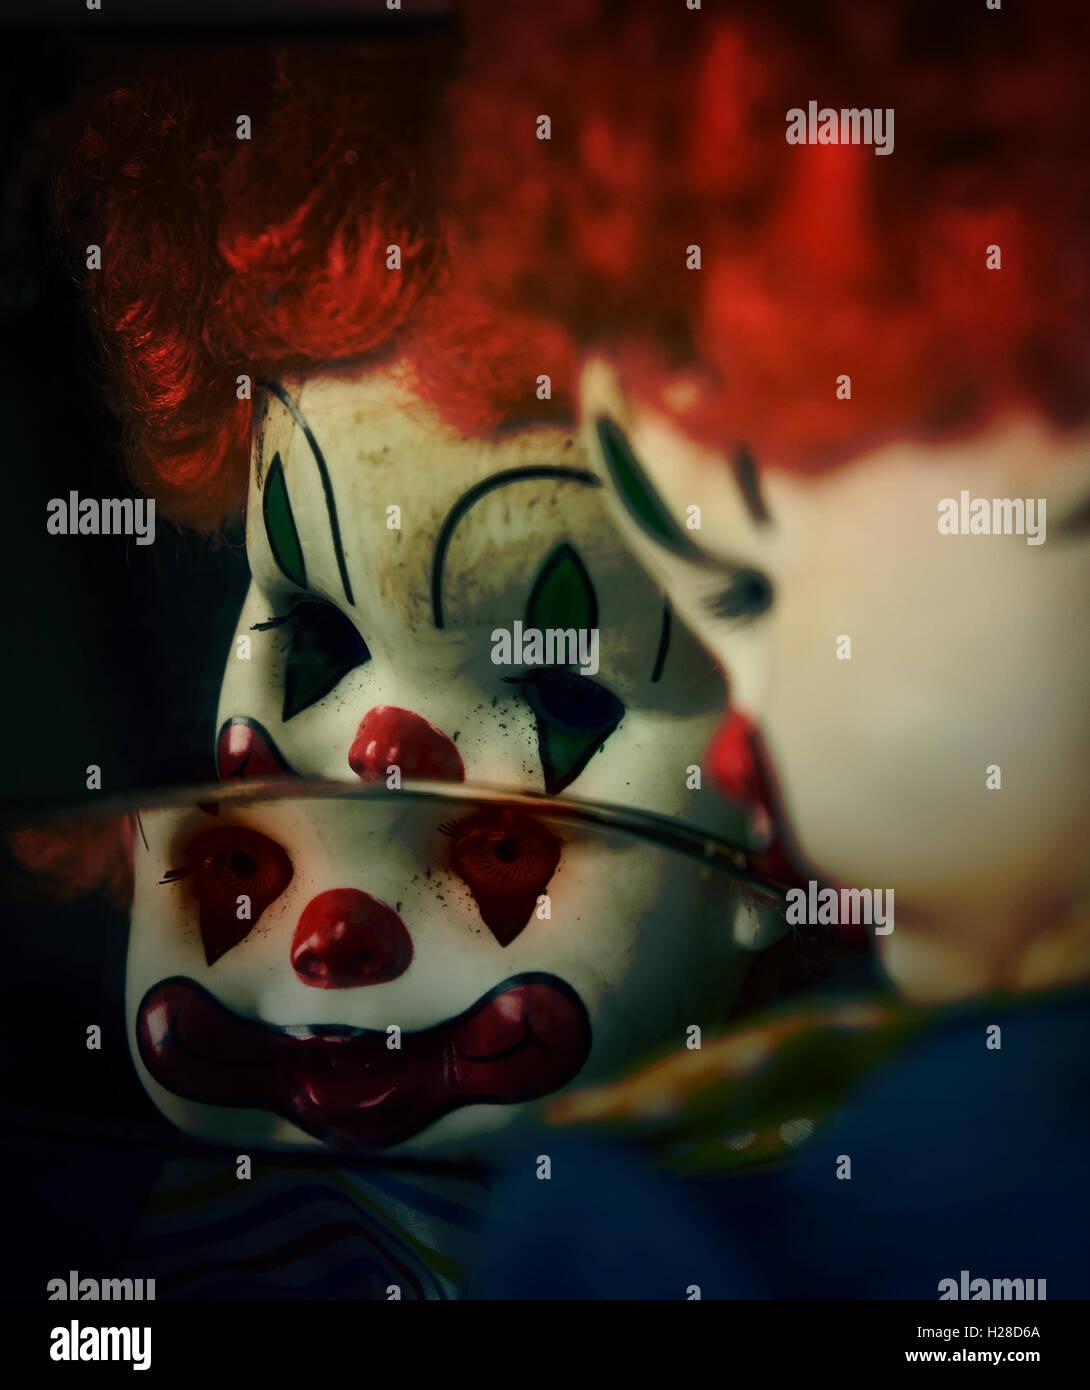 Un primo piano di una paura male clown bambola giocattolo cercando in uno specchio rotto che potrebbe essere in Foto Stock